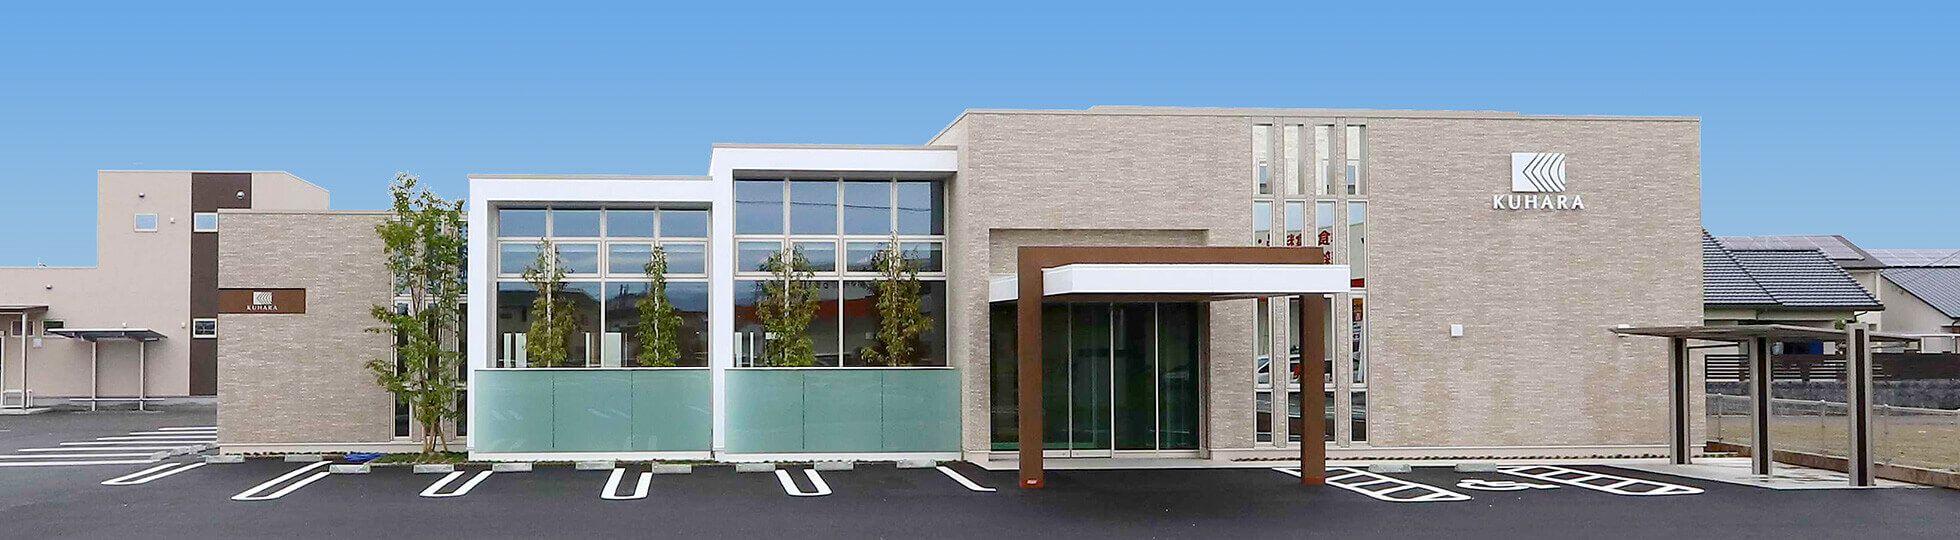 熊本県八代市の内科「くはら内科」外観写真